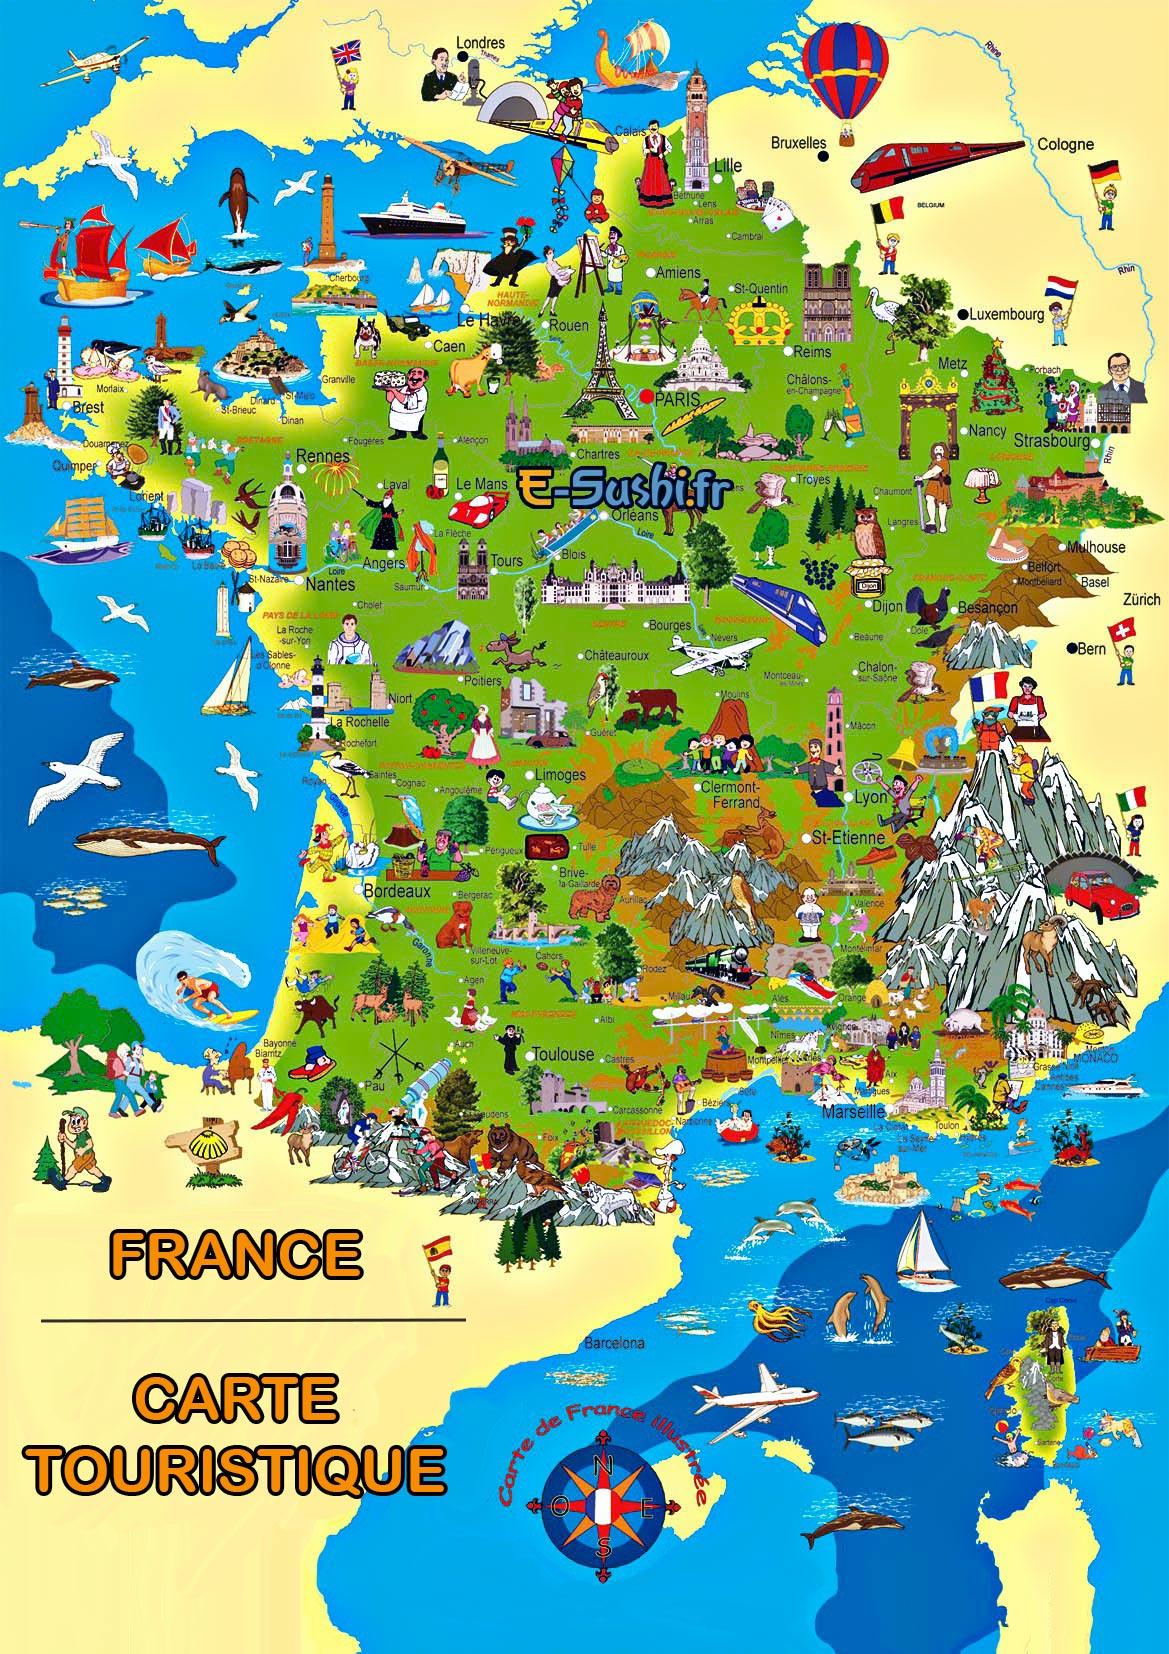 Images de plans et cartes de france arts et voyages for Carte touristique